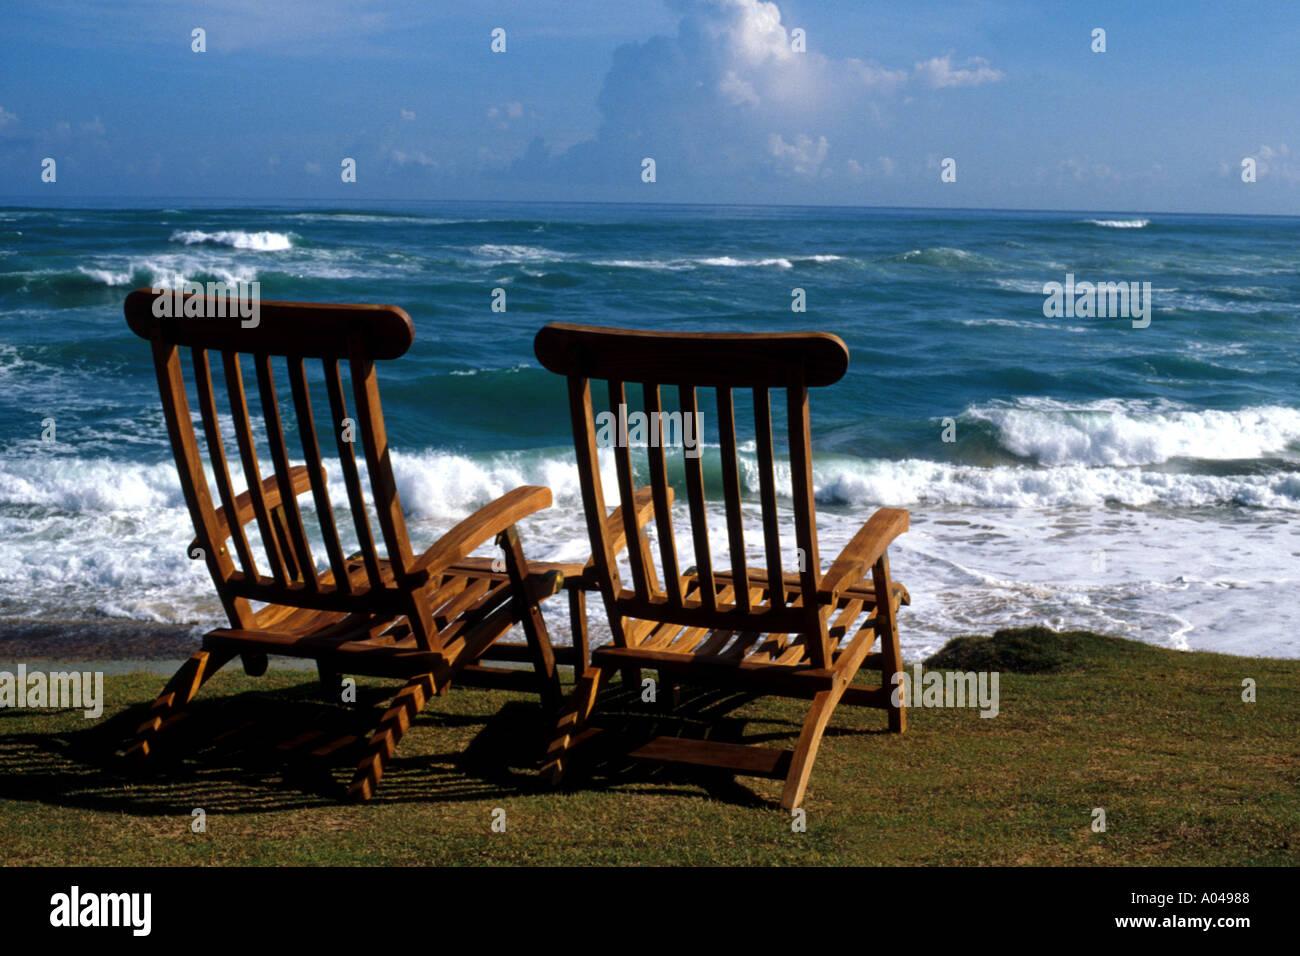 Pair Of Teak Beach Chairs On Tropical Beach